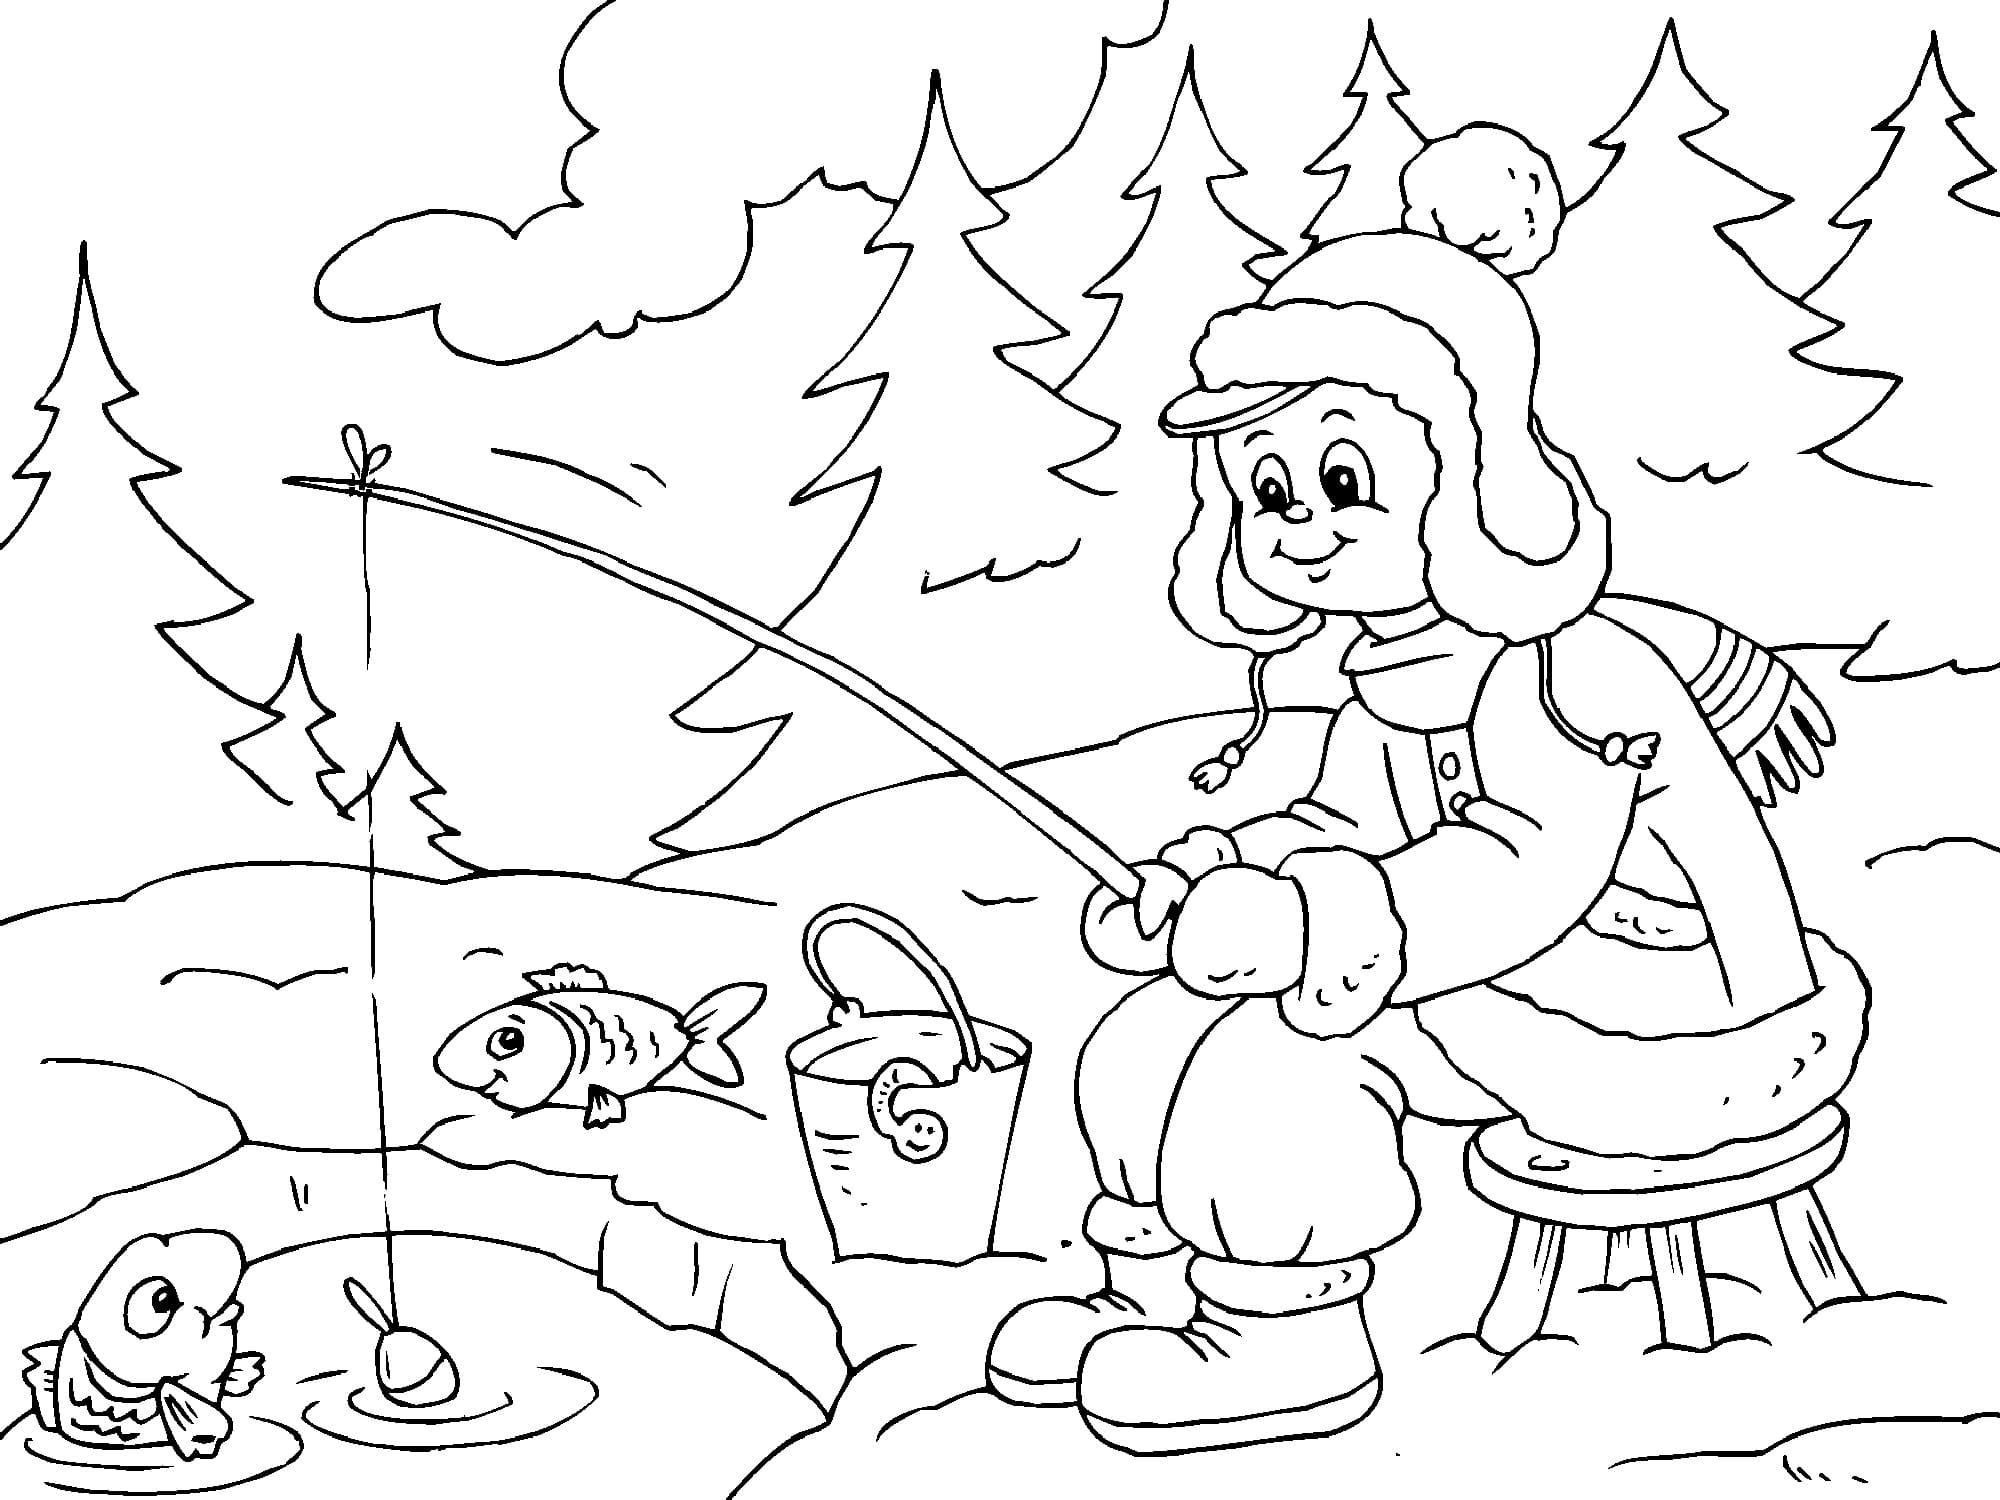 Ausmalbilder Winter. Kostenlos Drucken, 100 Bilder bei Winterlandschaft Malvorlage